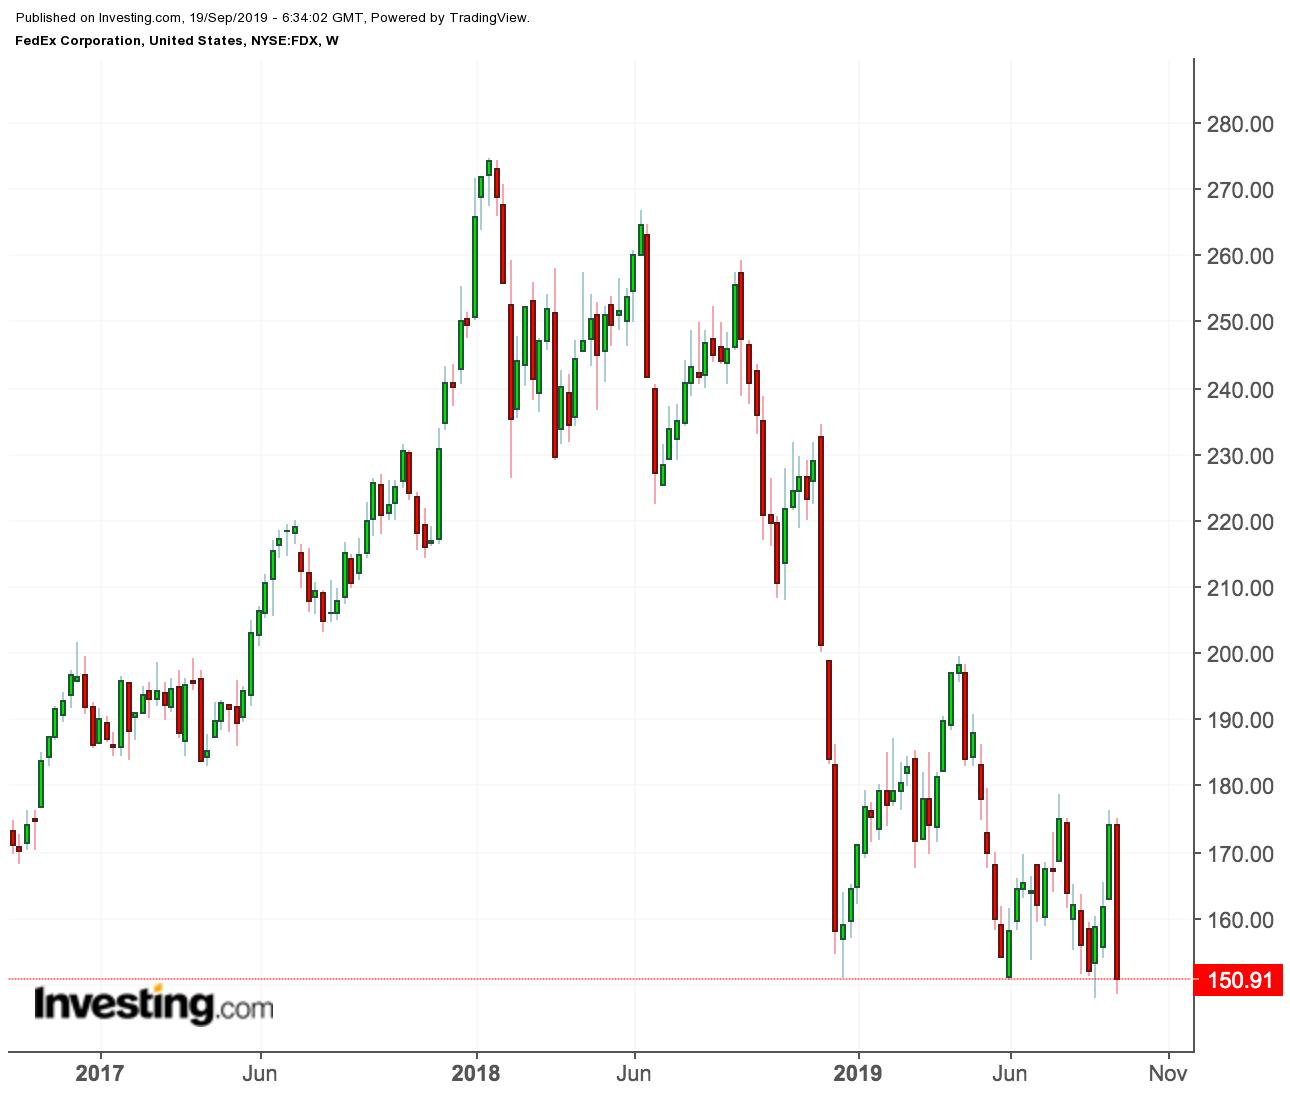 暴跌了45%之后,联邦快递还没跌到底?